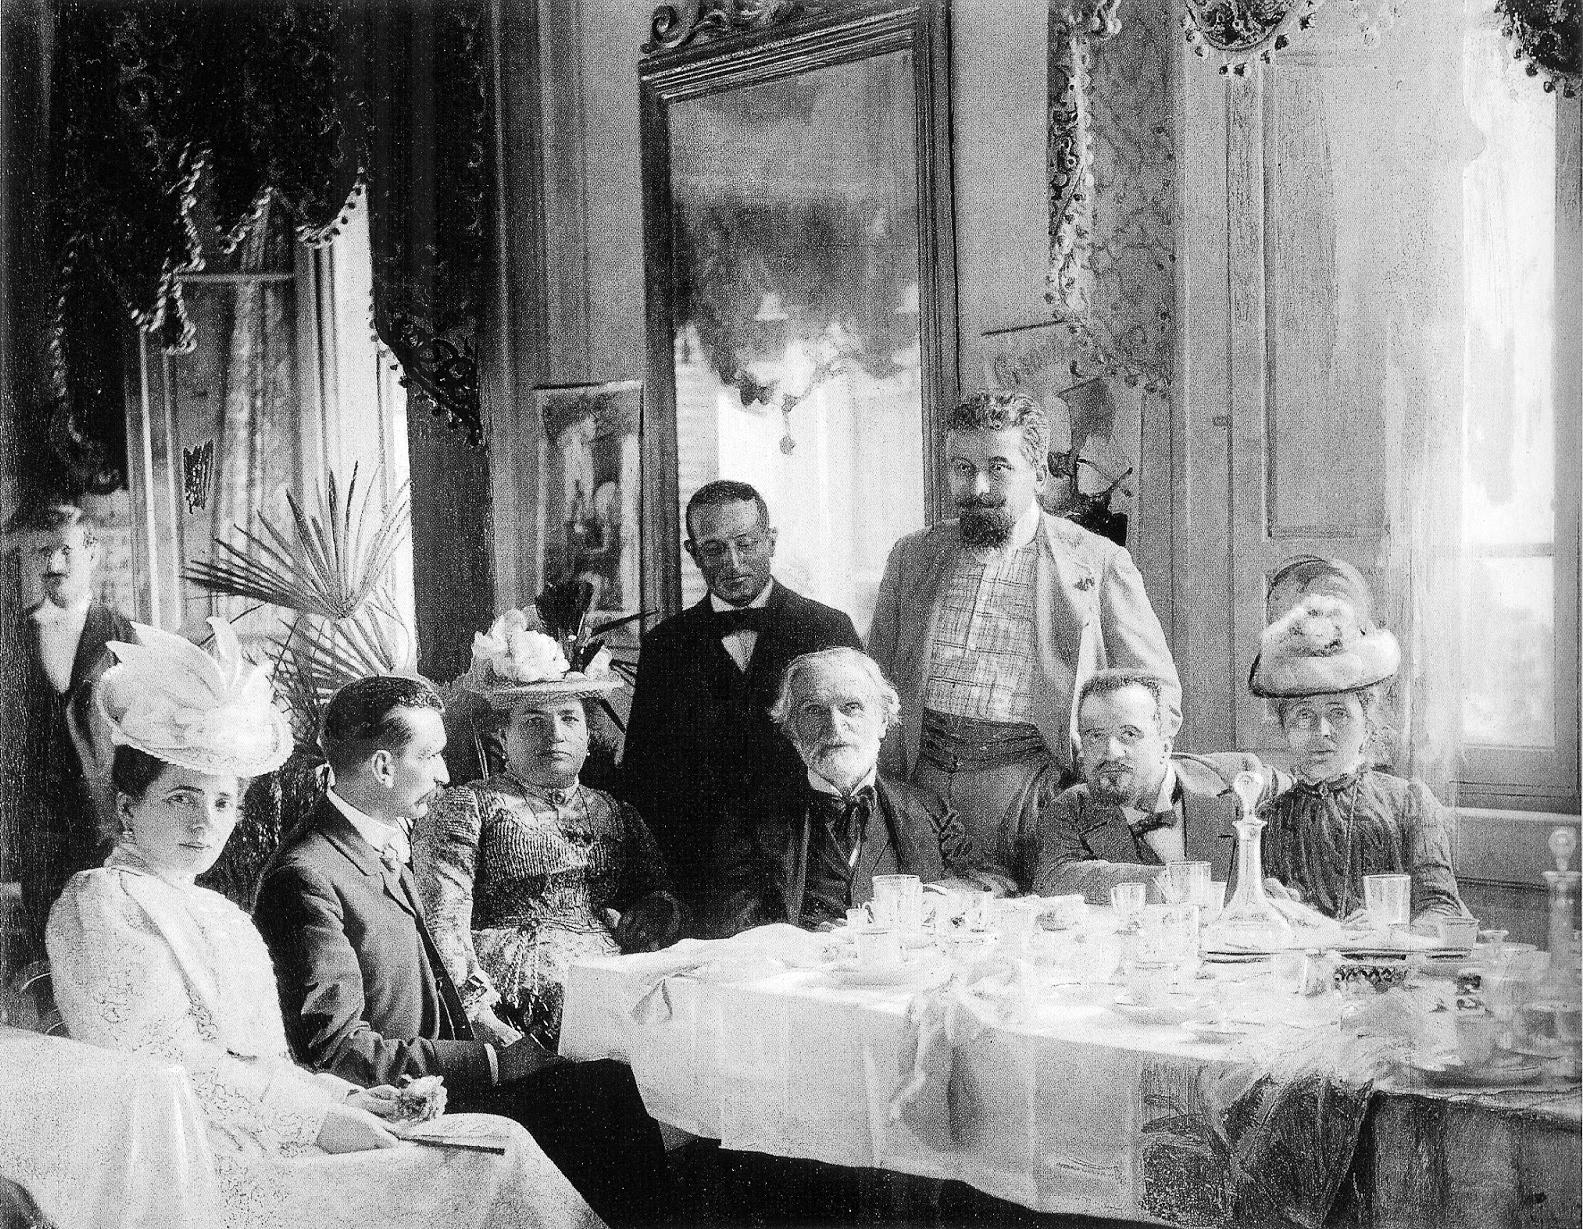 Giuseppe Verdi, circondato dai suoi amici nella sua casa di Montecatini. Il suo rapporto d'amore con il cibo e il vino lo ha accompagnato per tutta la sua vita. Nelle sue opere, tra le più celebri e importanti del XIX secolo, sono numerosi i riferimenti al cibo e al vino.